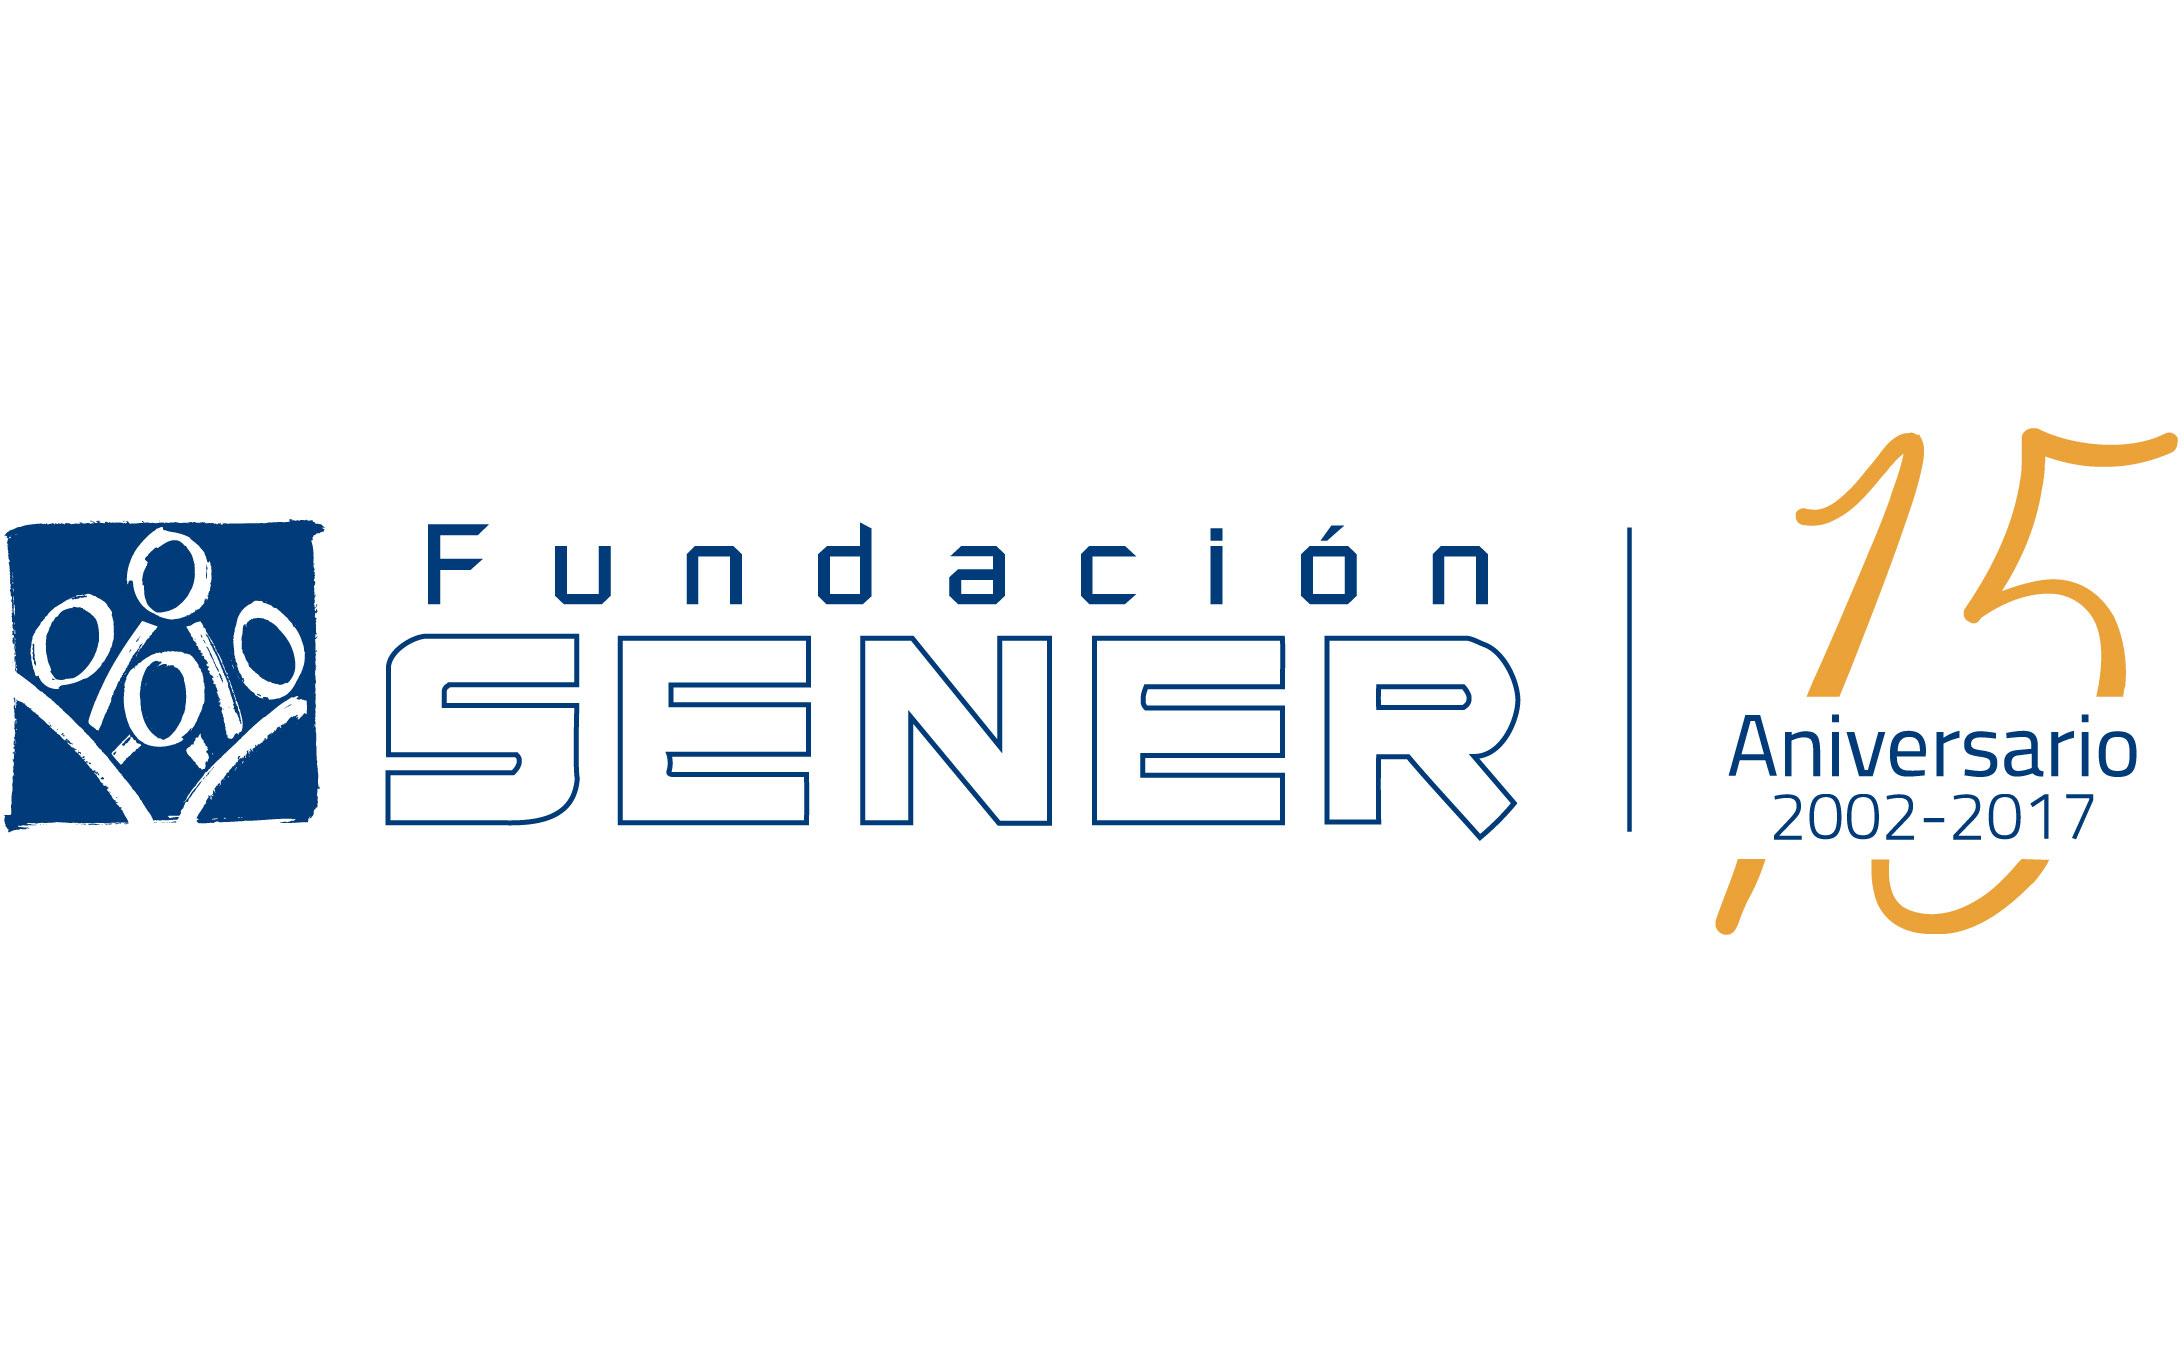 SENER Foundation celebrates 15 years